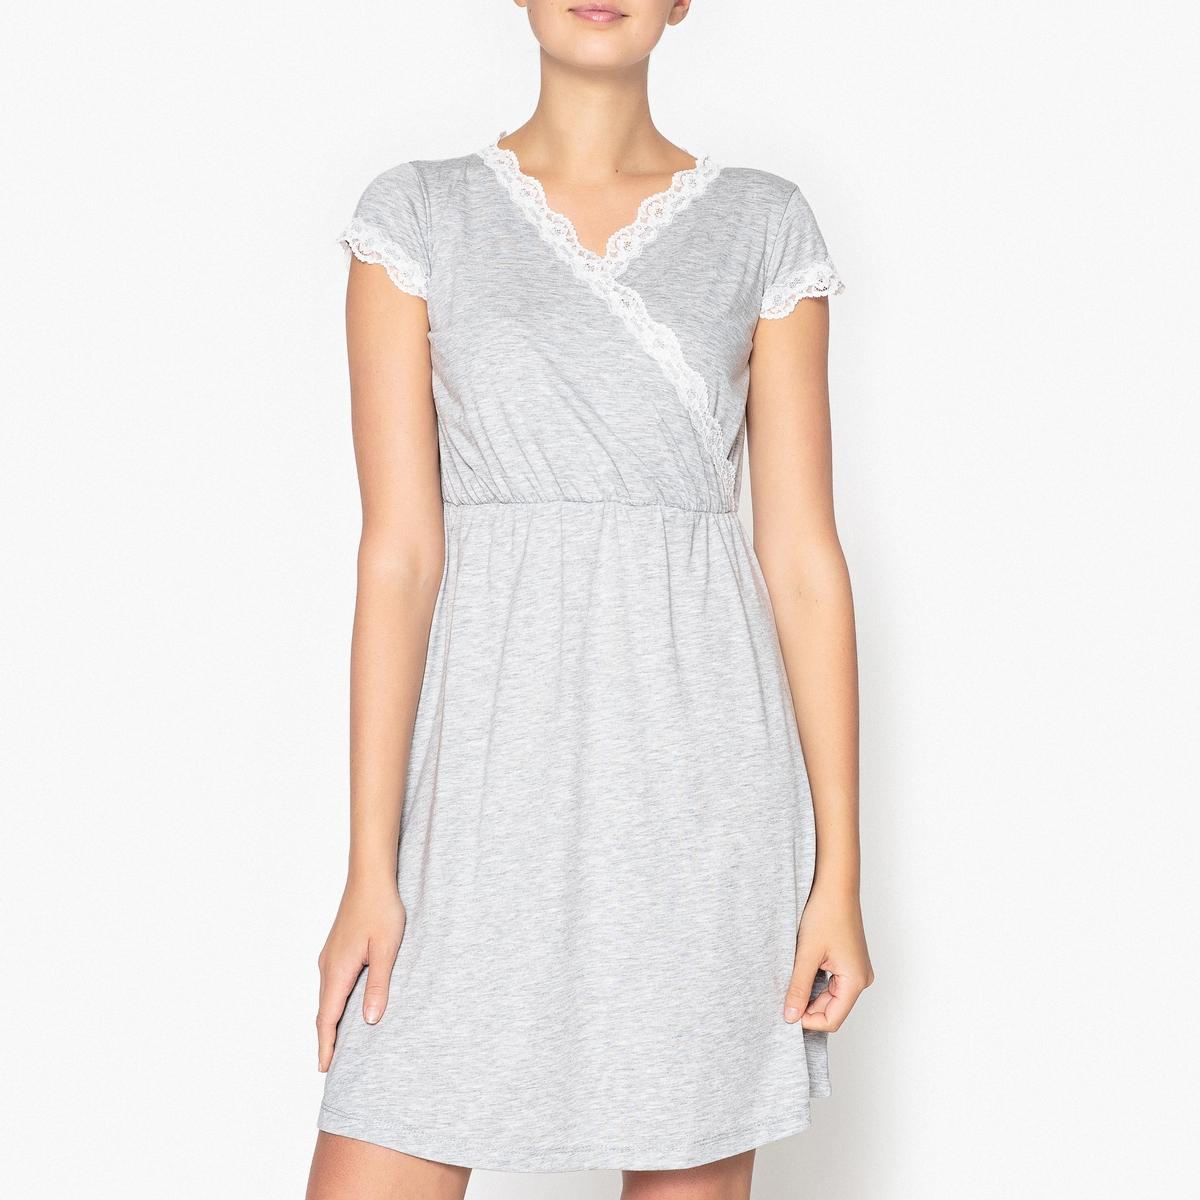 Рубашка ночная с кружевными вставкамиНочная рубашка с кружевной отделкой выреза и рукавов, невероятно женственная . Состав и описаниеСорочка ночная с короткими рукавами. V-образный вырез. Кружевные вставки на вырезе и рукавах .Эластичная высокая талия Материал : 62% полиэстера, 38% вискозы Длина : 90 смУход: :машинная стирка при 30 °С, стирать с вещами схожих цветов.Стирать и гладить с изнанки не использовать барабанную сушку .<br><br>Цвет: серый меланж